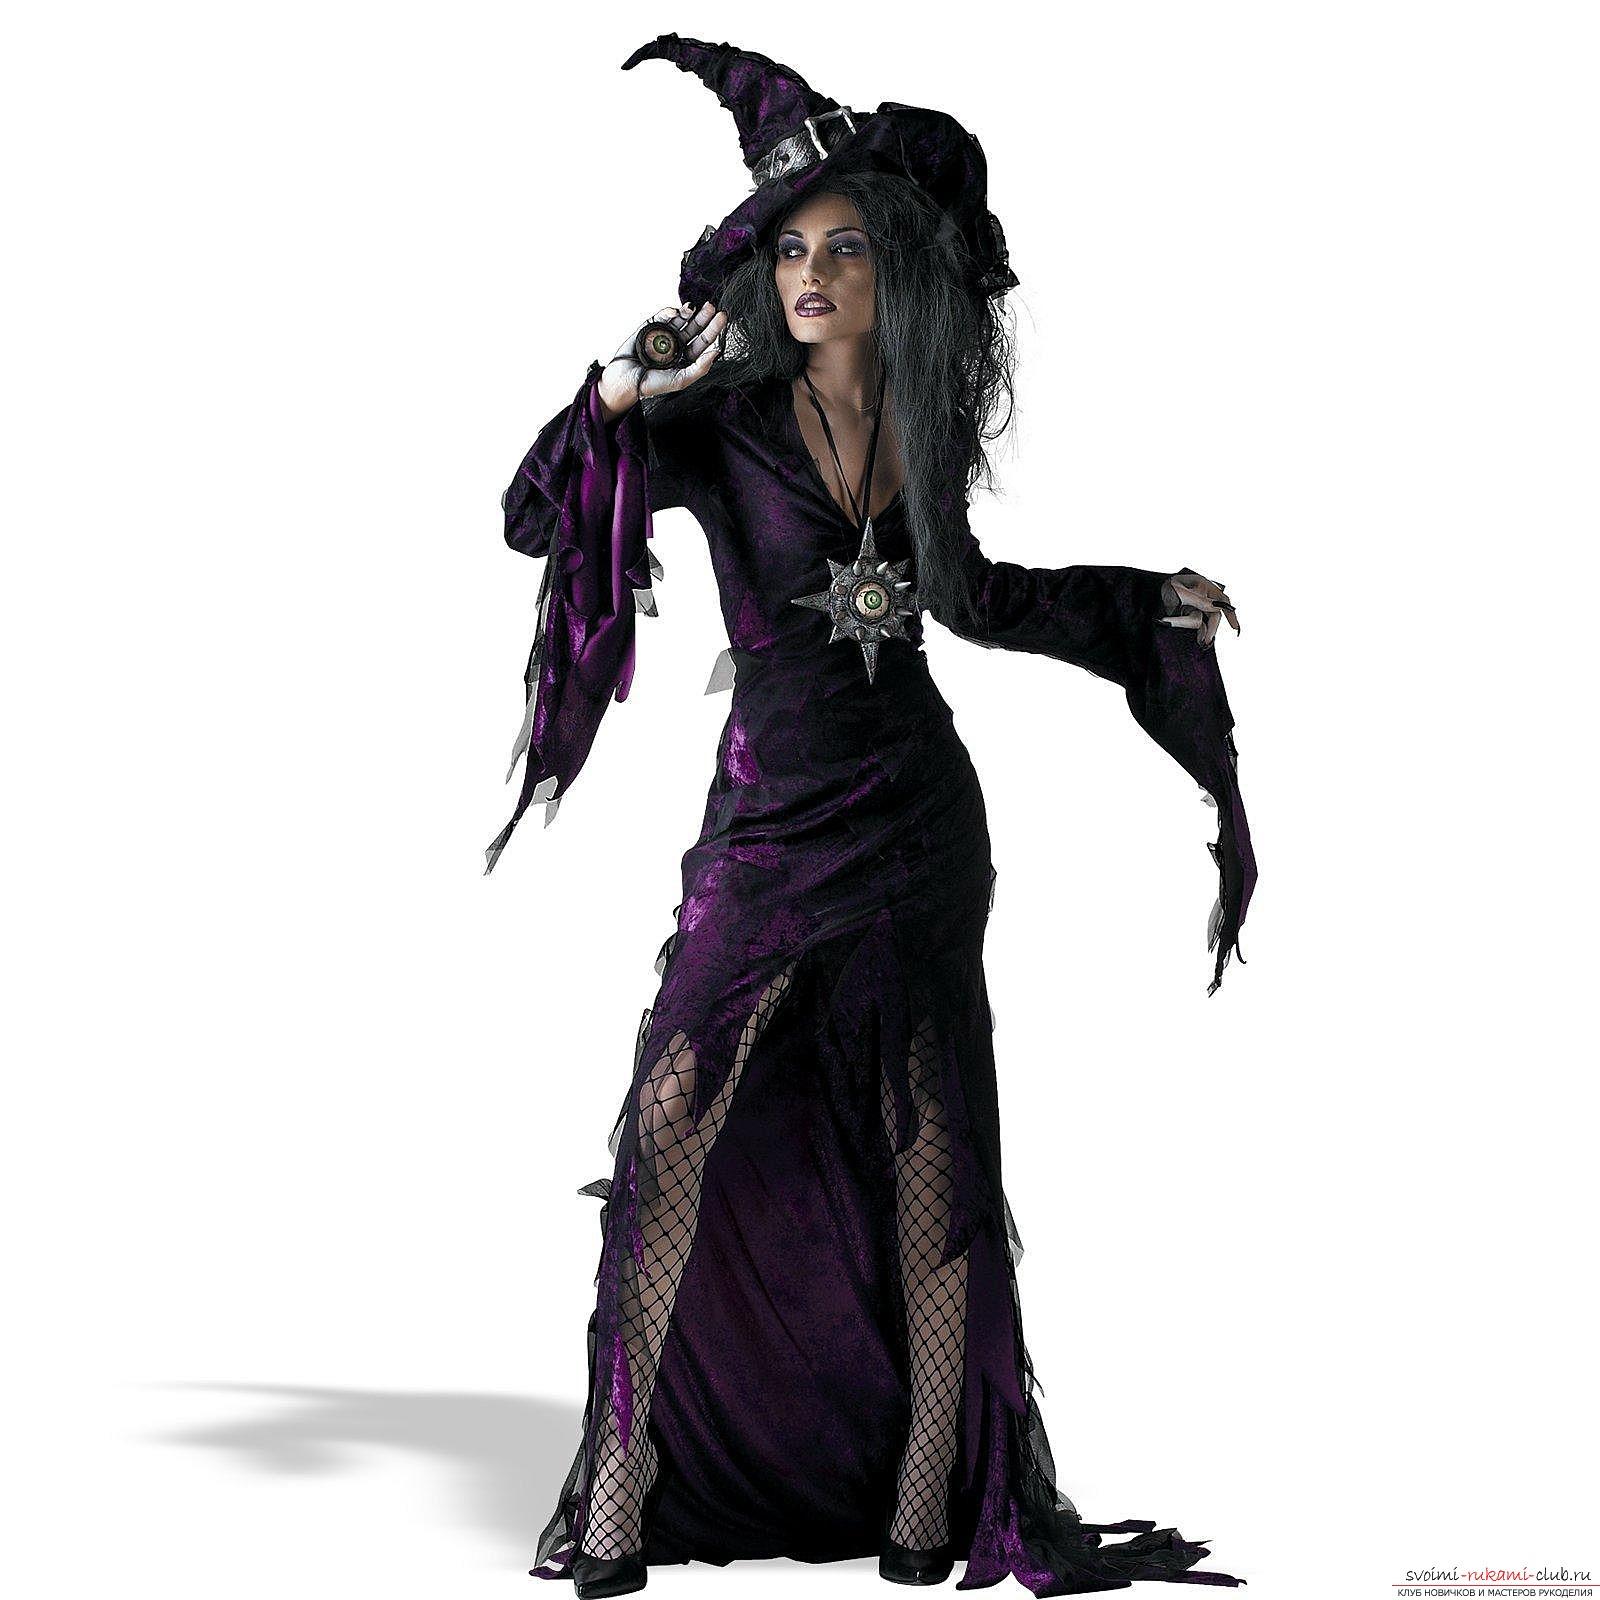 Костюм и макияж ведьмы на Хэллоуин, создаем образ (фото и видео)